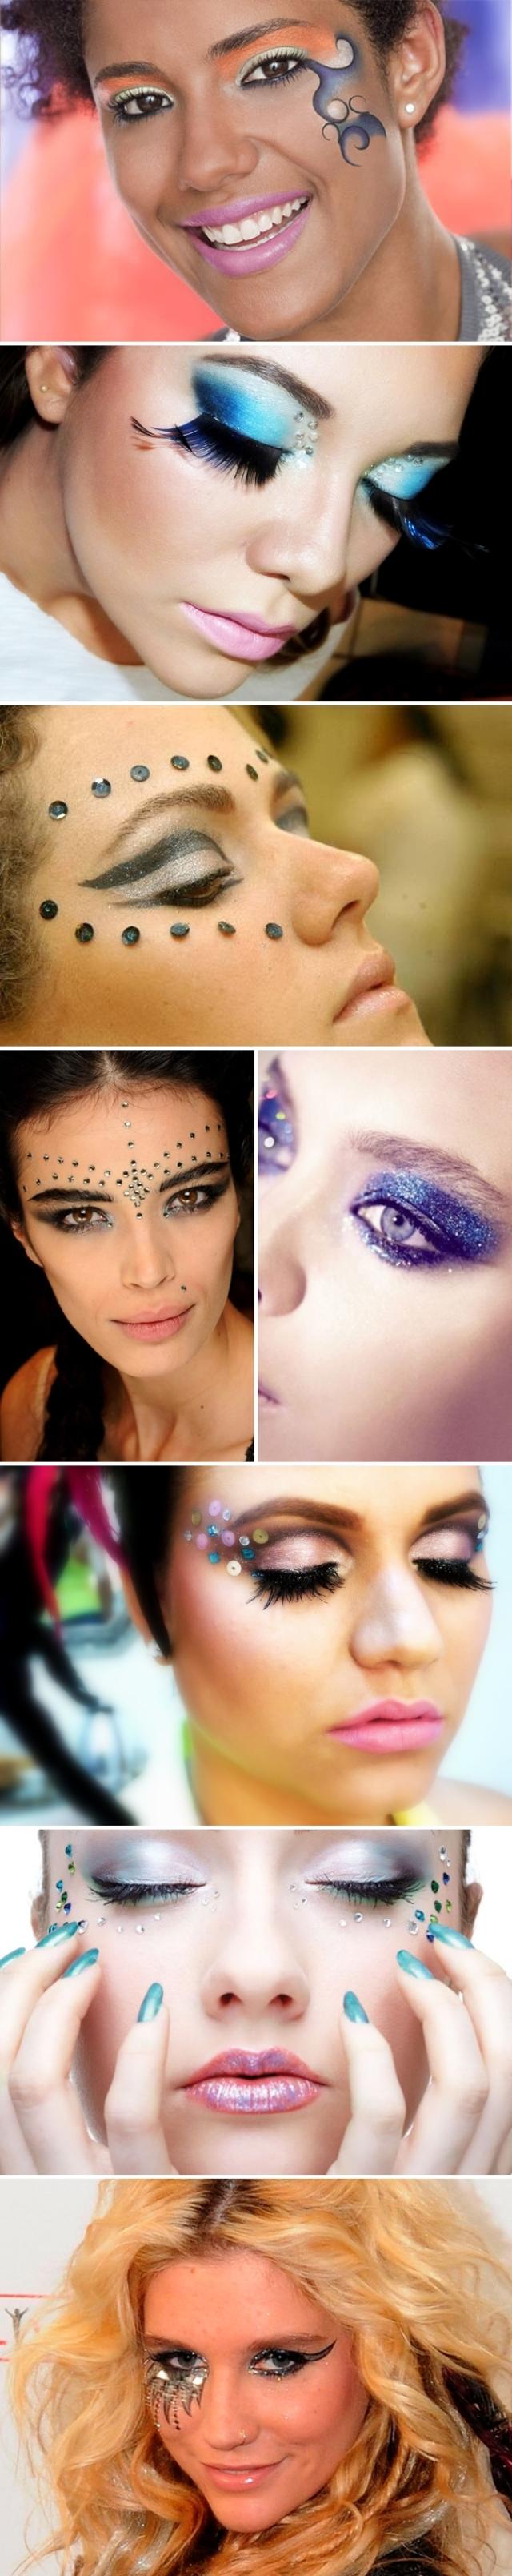 maquiagem de carnaval blog pirueiras